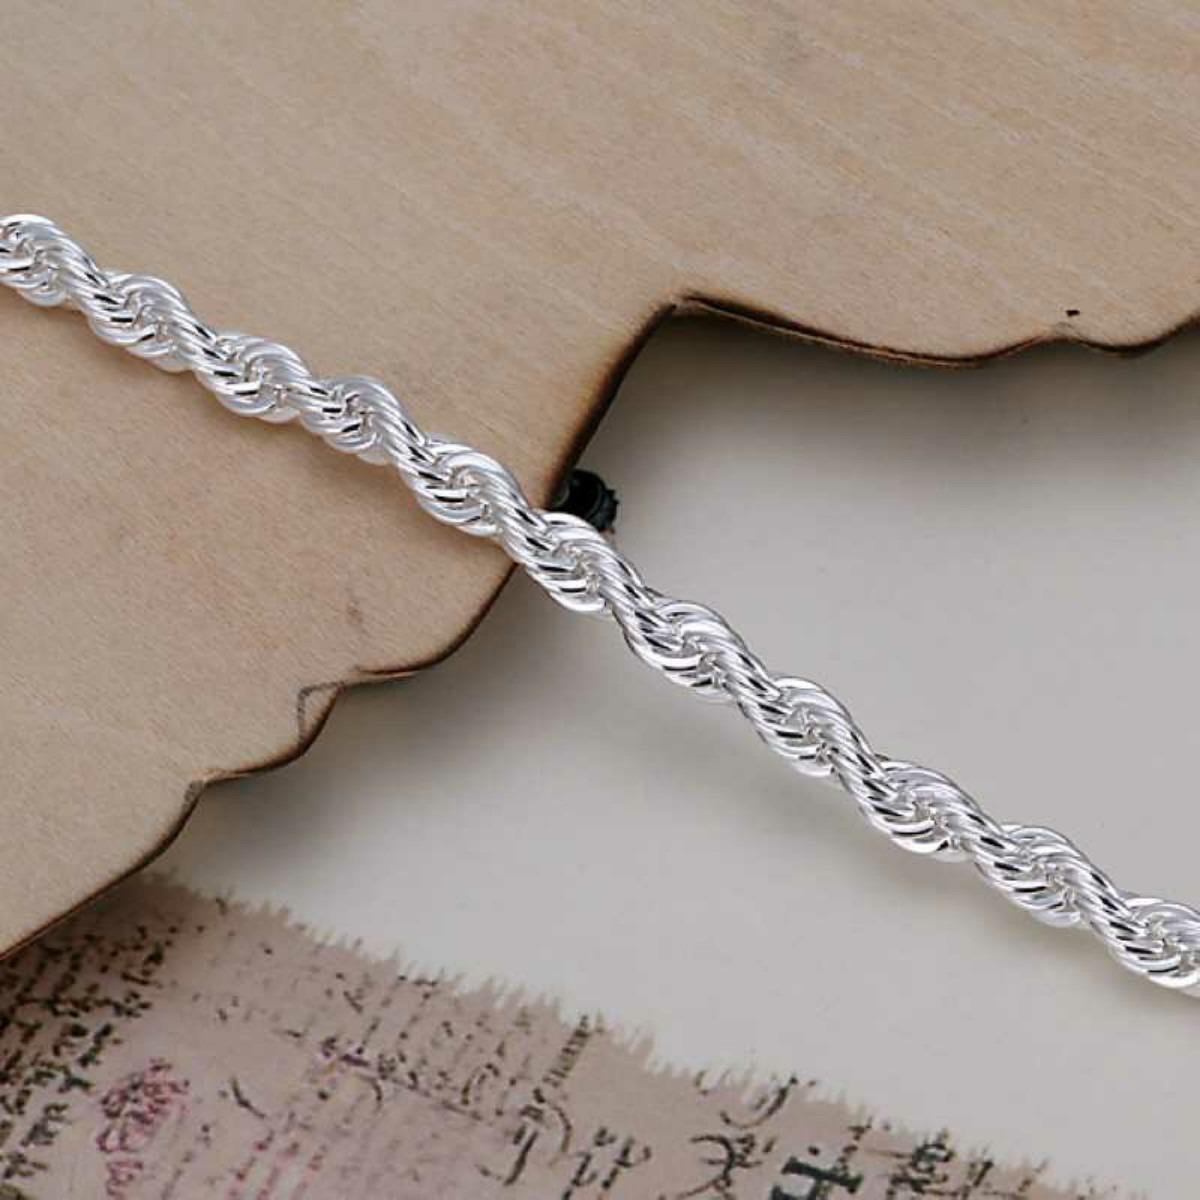 Pulsera para dama con ba o de plata en mercadolibre for Bano de plata precio